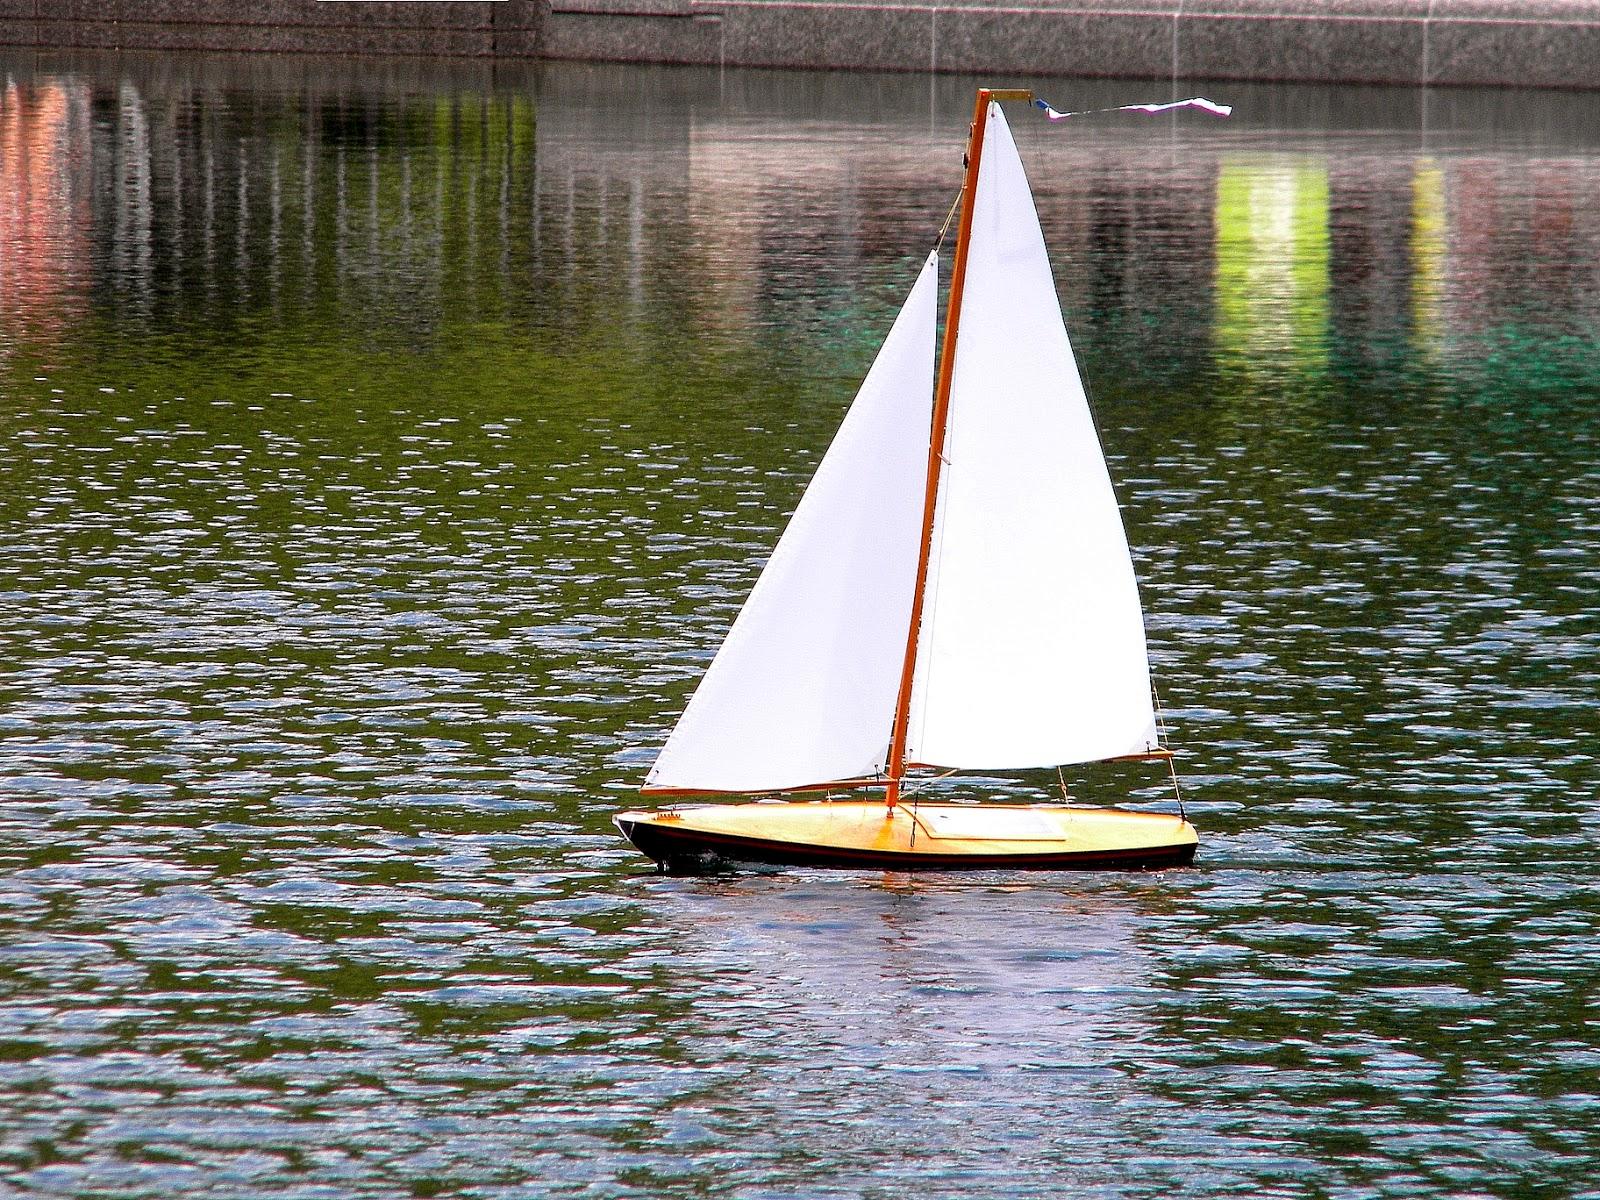 Sailing Clip Art Public Domain Clip Art Photos And Images